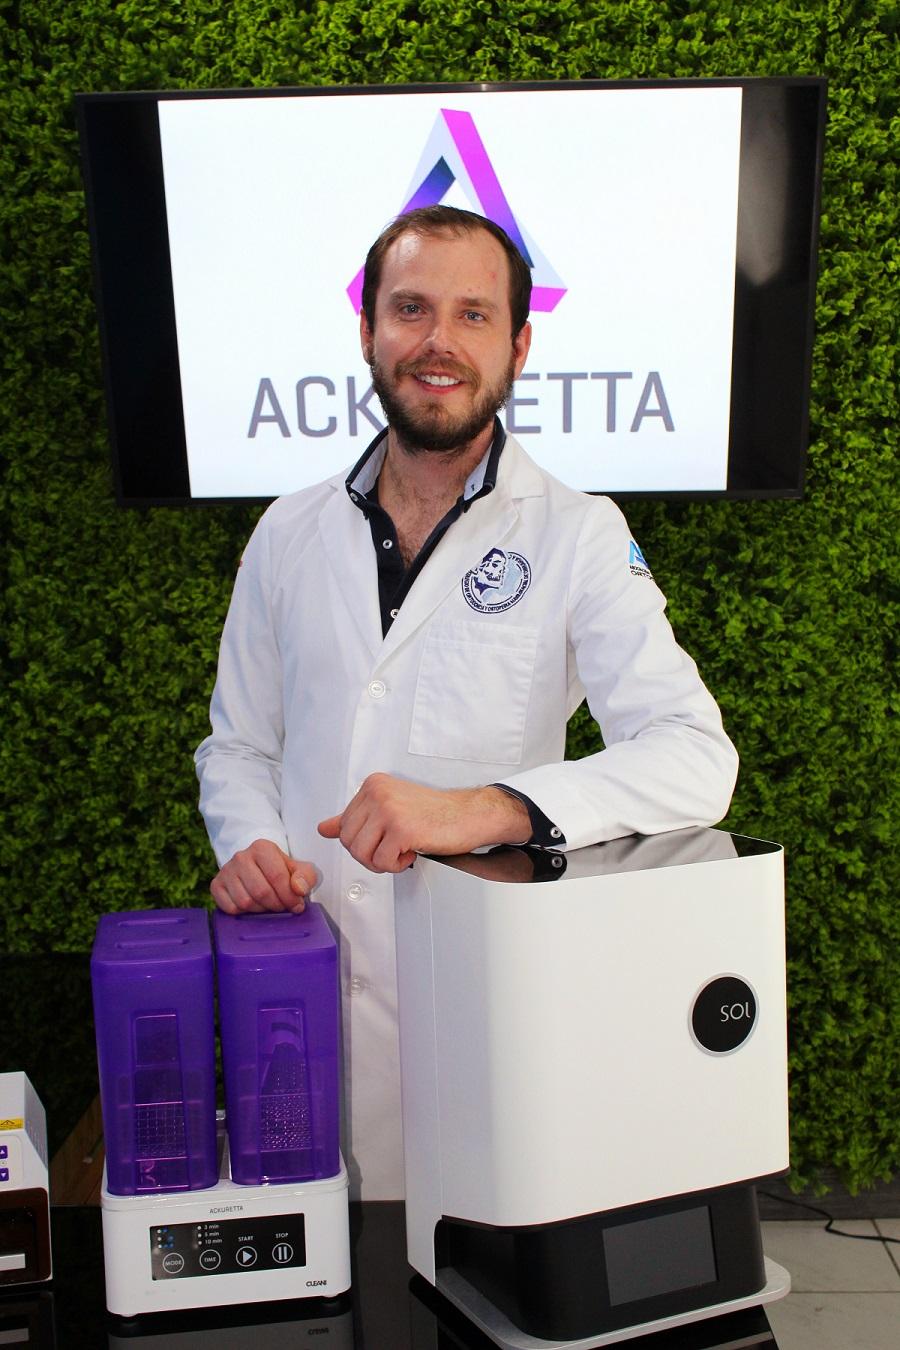 Ackuretta 3D printing solutions